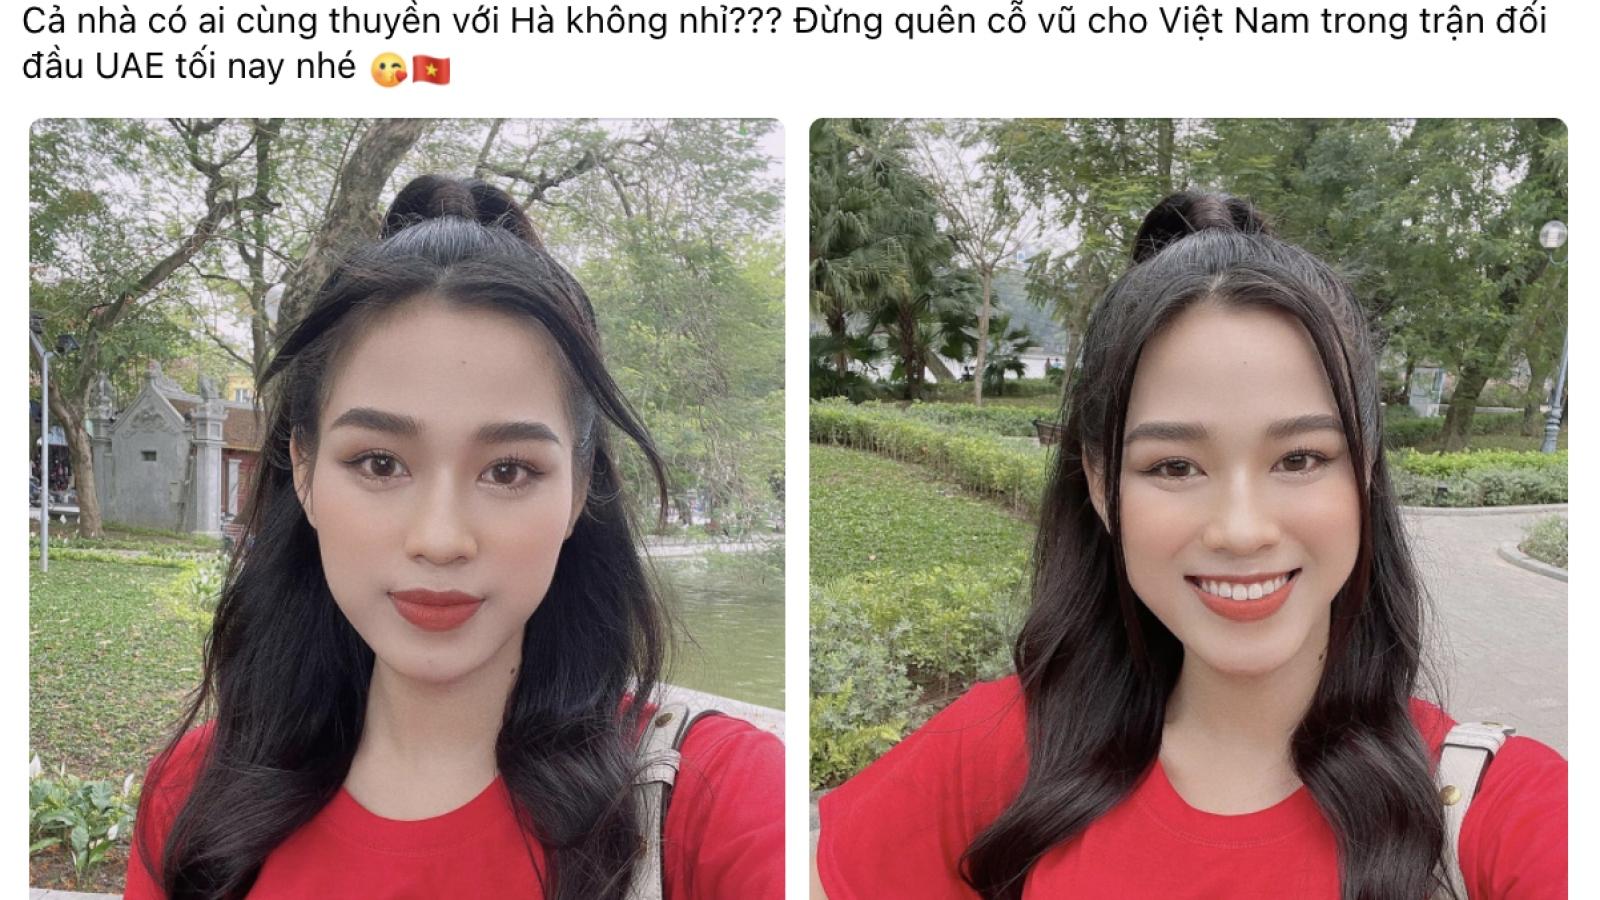 Tiểu Vy, Lương Thùy Linh, Đỗ Hà nhiệt tình ủng hộ đội tuyển Việt Nam